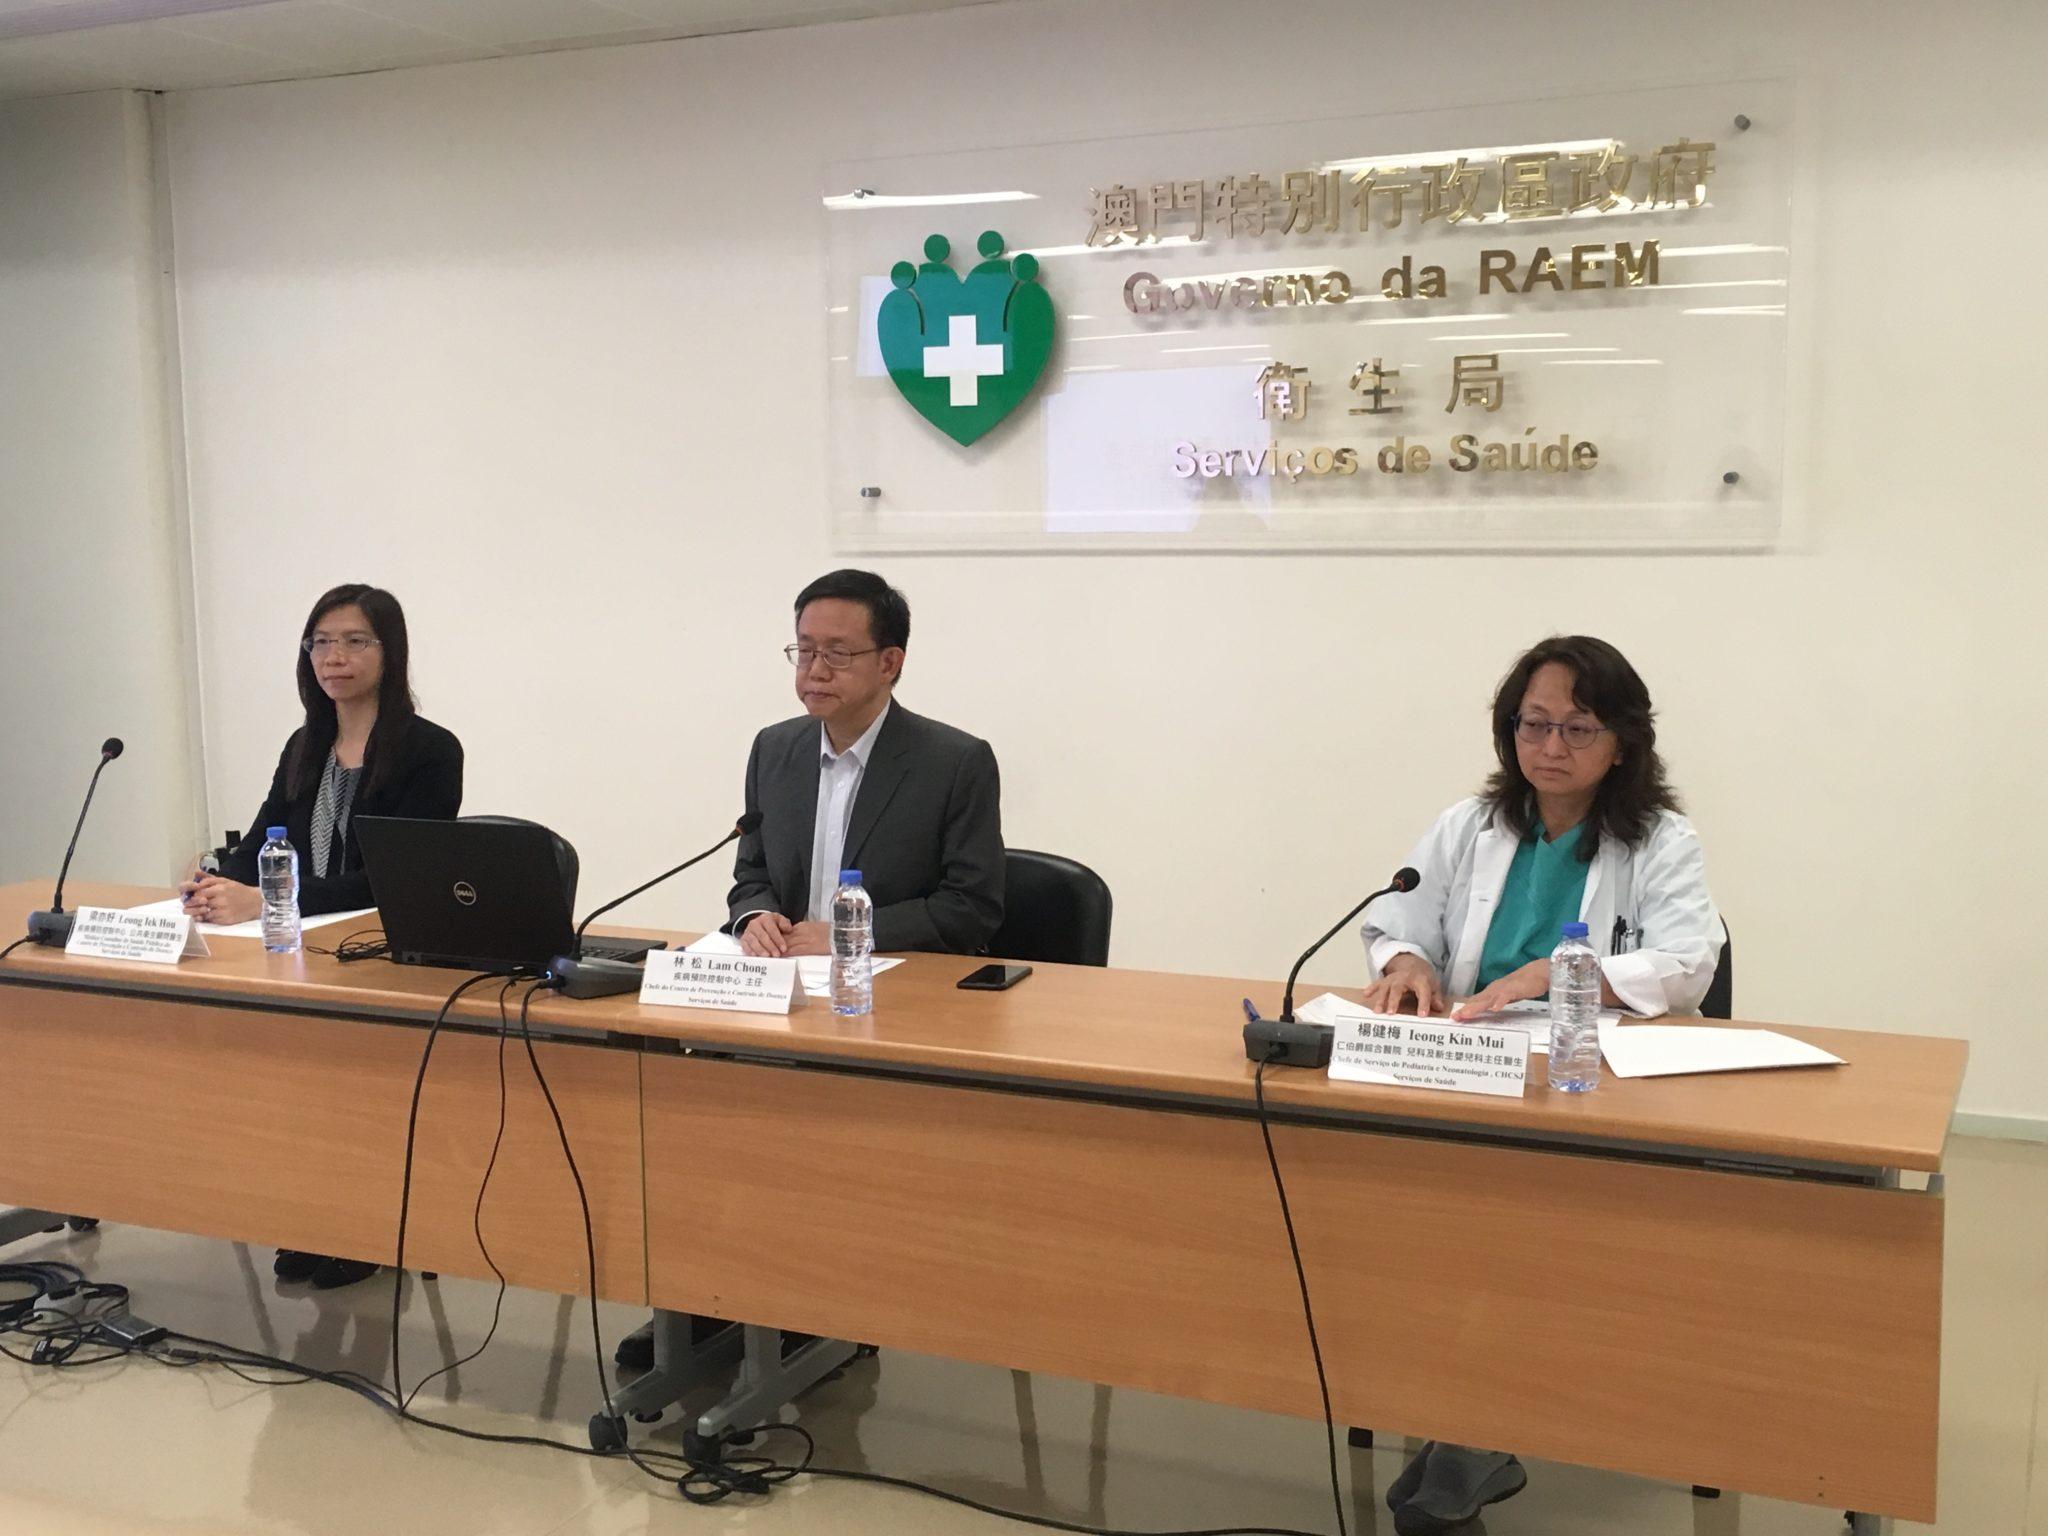 Saúde | Serviços anunciam pico de epidemia da gripe B